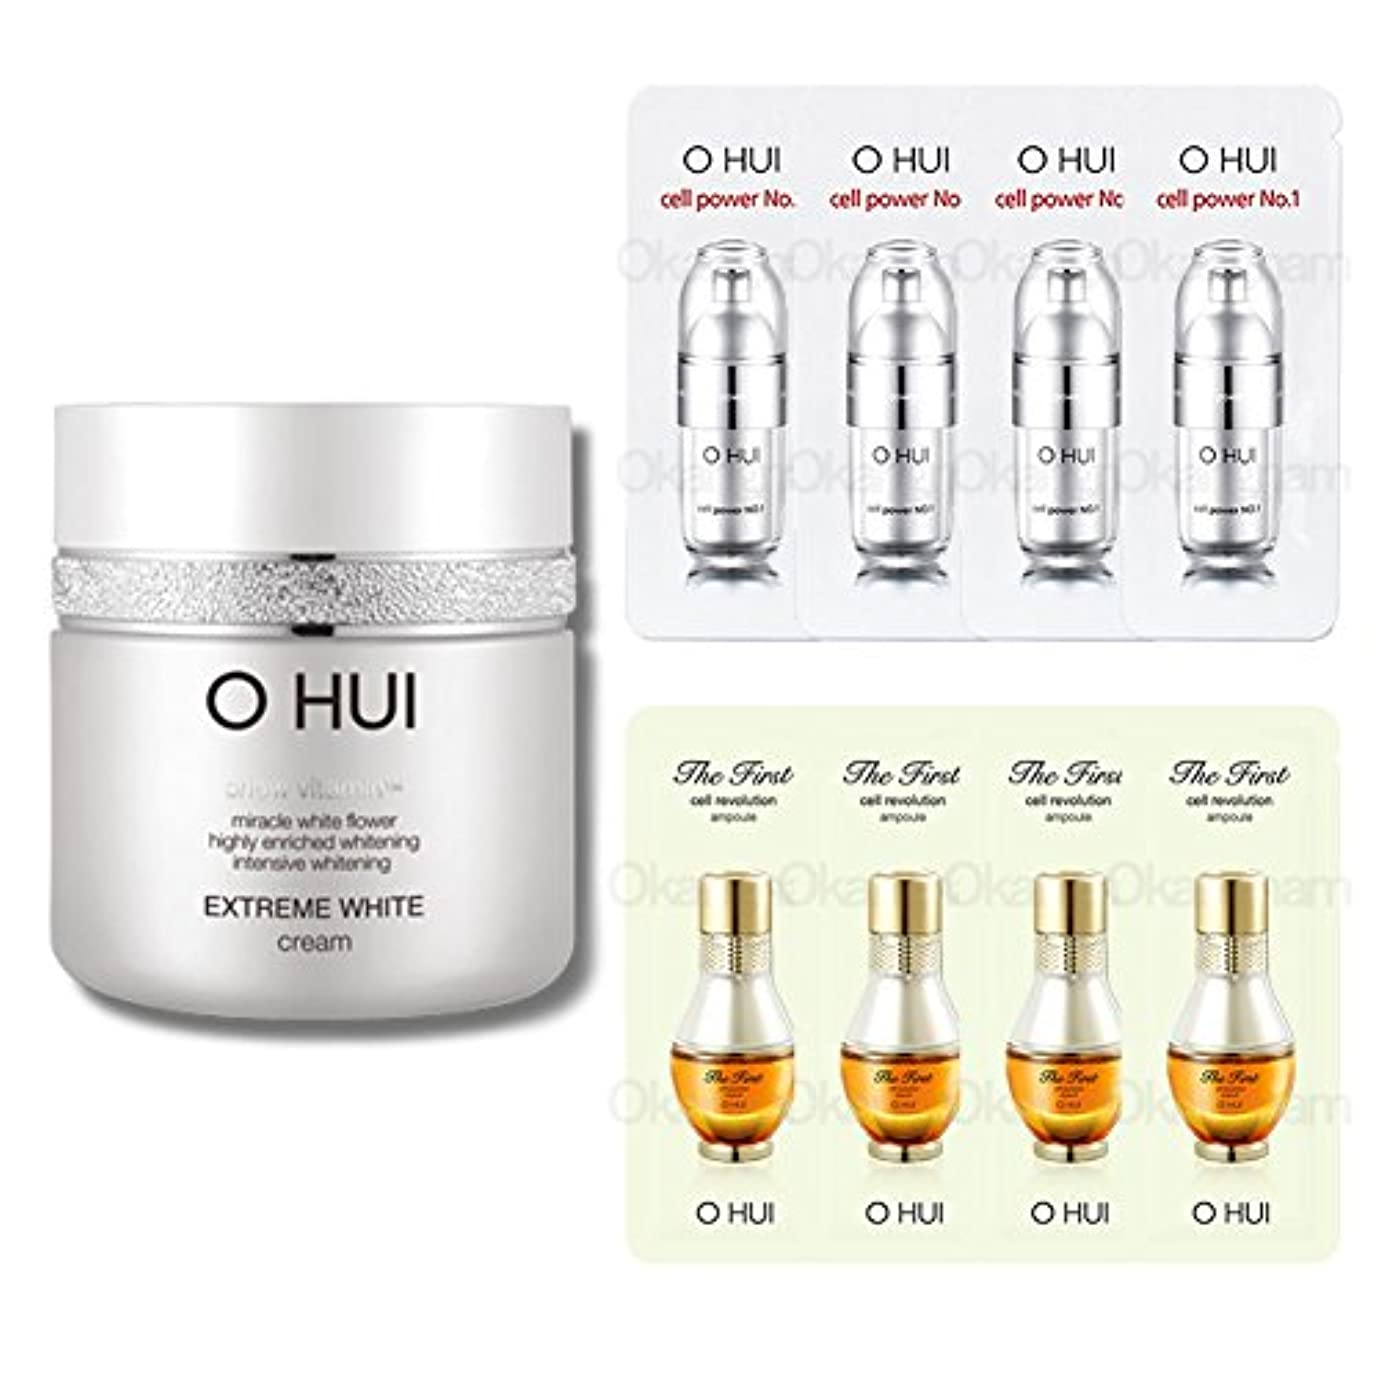 大工に頼るに話す[オフィ/ O HUI]韓国化粧品 LG生活健康/ OHUI OEW04 EXTREME WHITE CREAM/オフィ エクストリーム ホワイトクリーム 50ml +[Sample Gift](海外直送品)